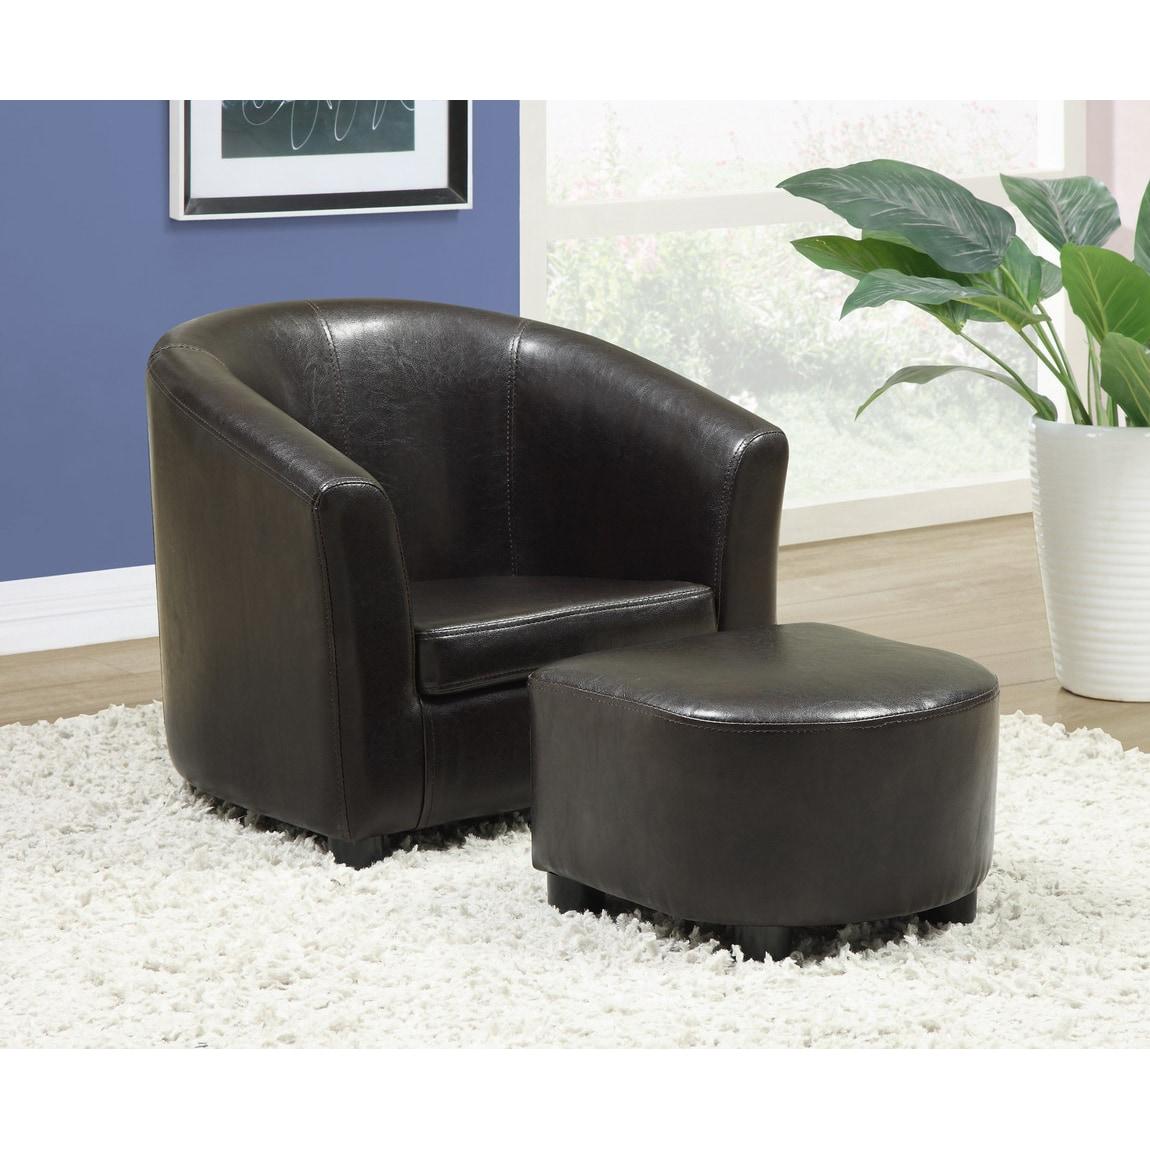 Kids Dark Brown Leather Look Chair Ottoman 2 Piece Set